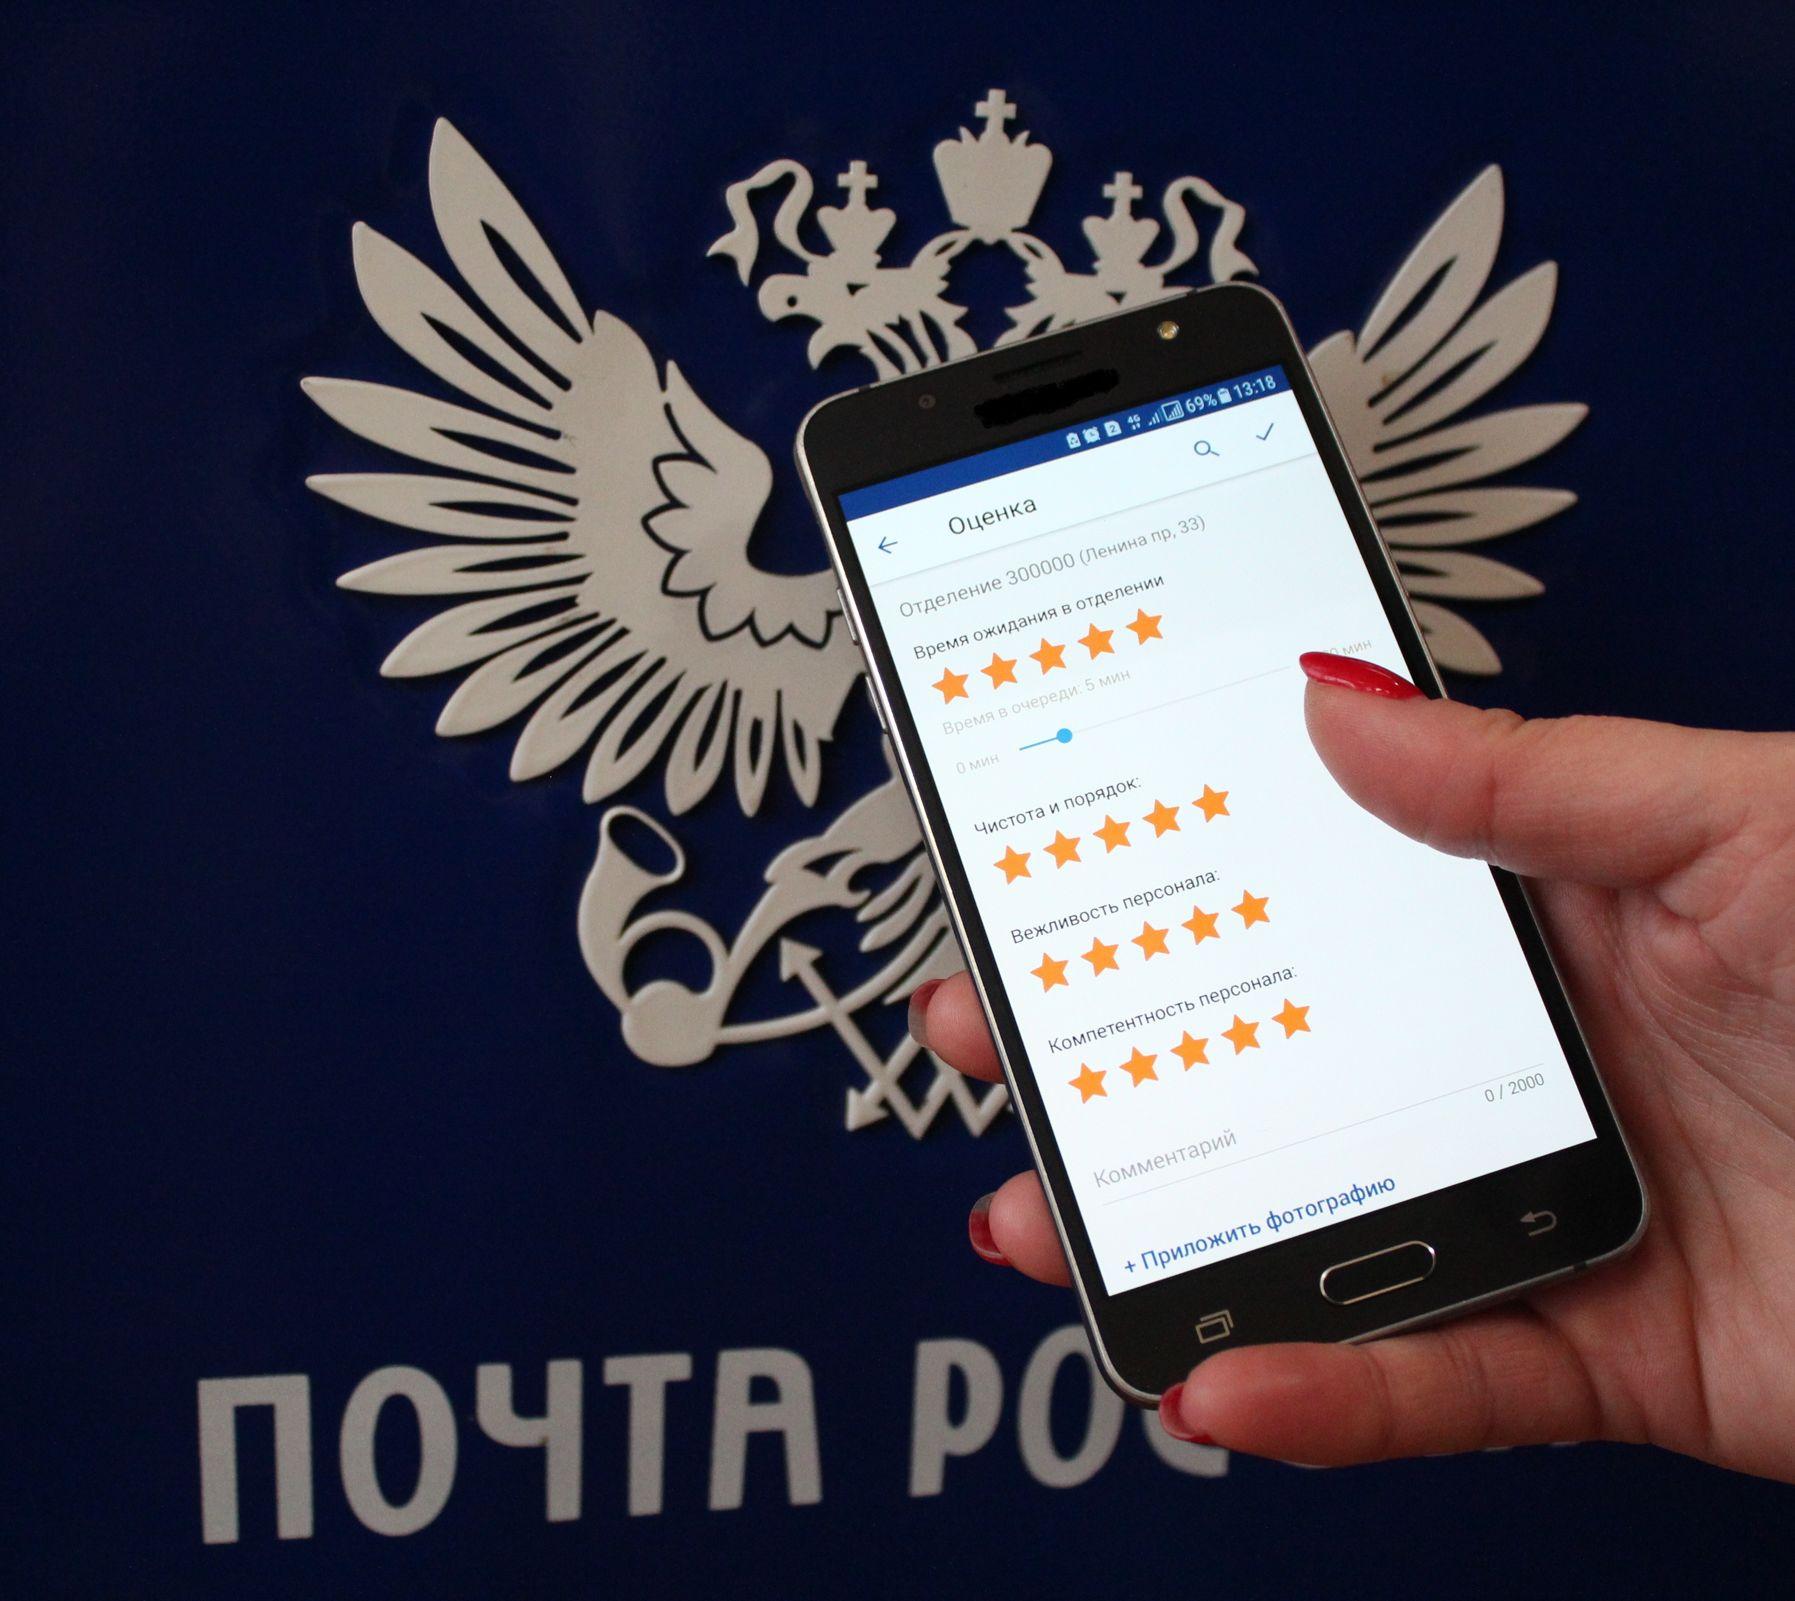 Жители Ярославской области могут оформить и оплатить EMS-отправления в приложении Почты России